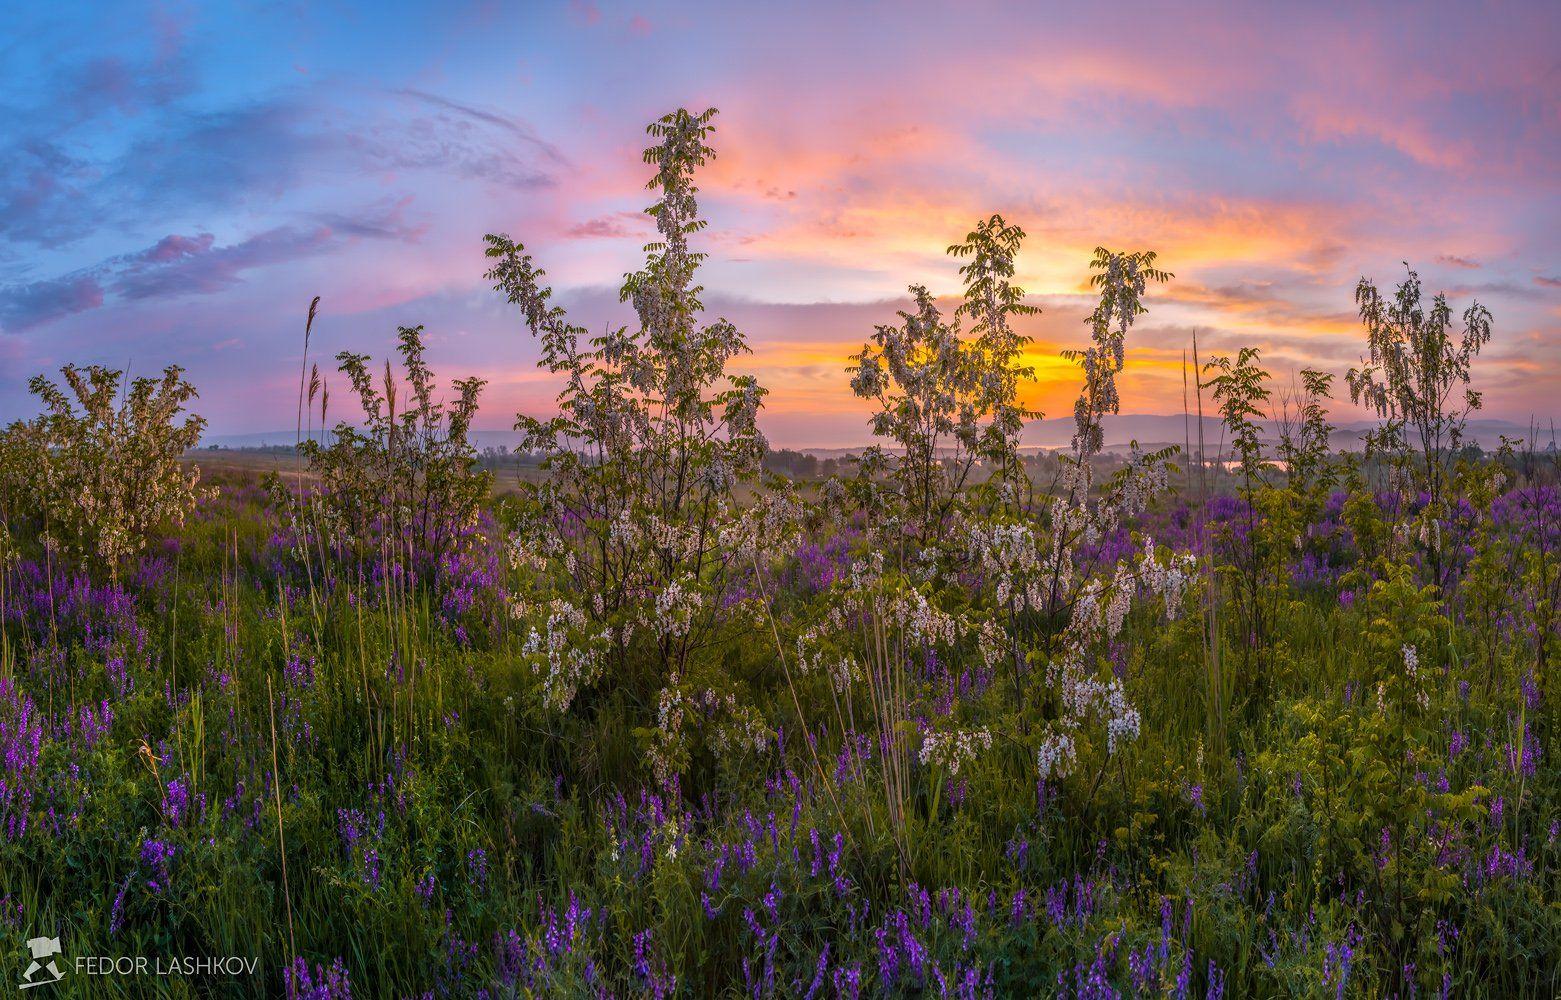 pentax645z, pentaxrussia, pentax, ставропольский край,  путешествие, фотоальбом, цветы, природа, рассвет, облака, горошек, акация, луг, степь, трава,, Лашков Фёдор